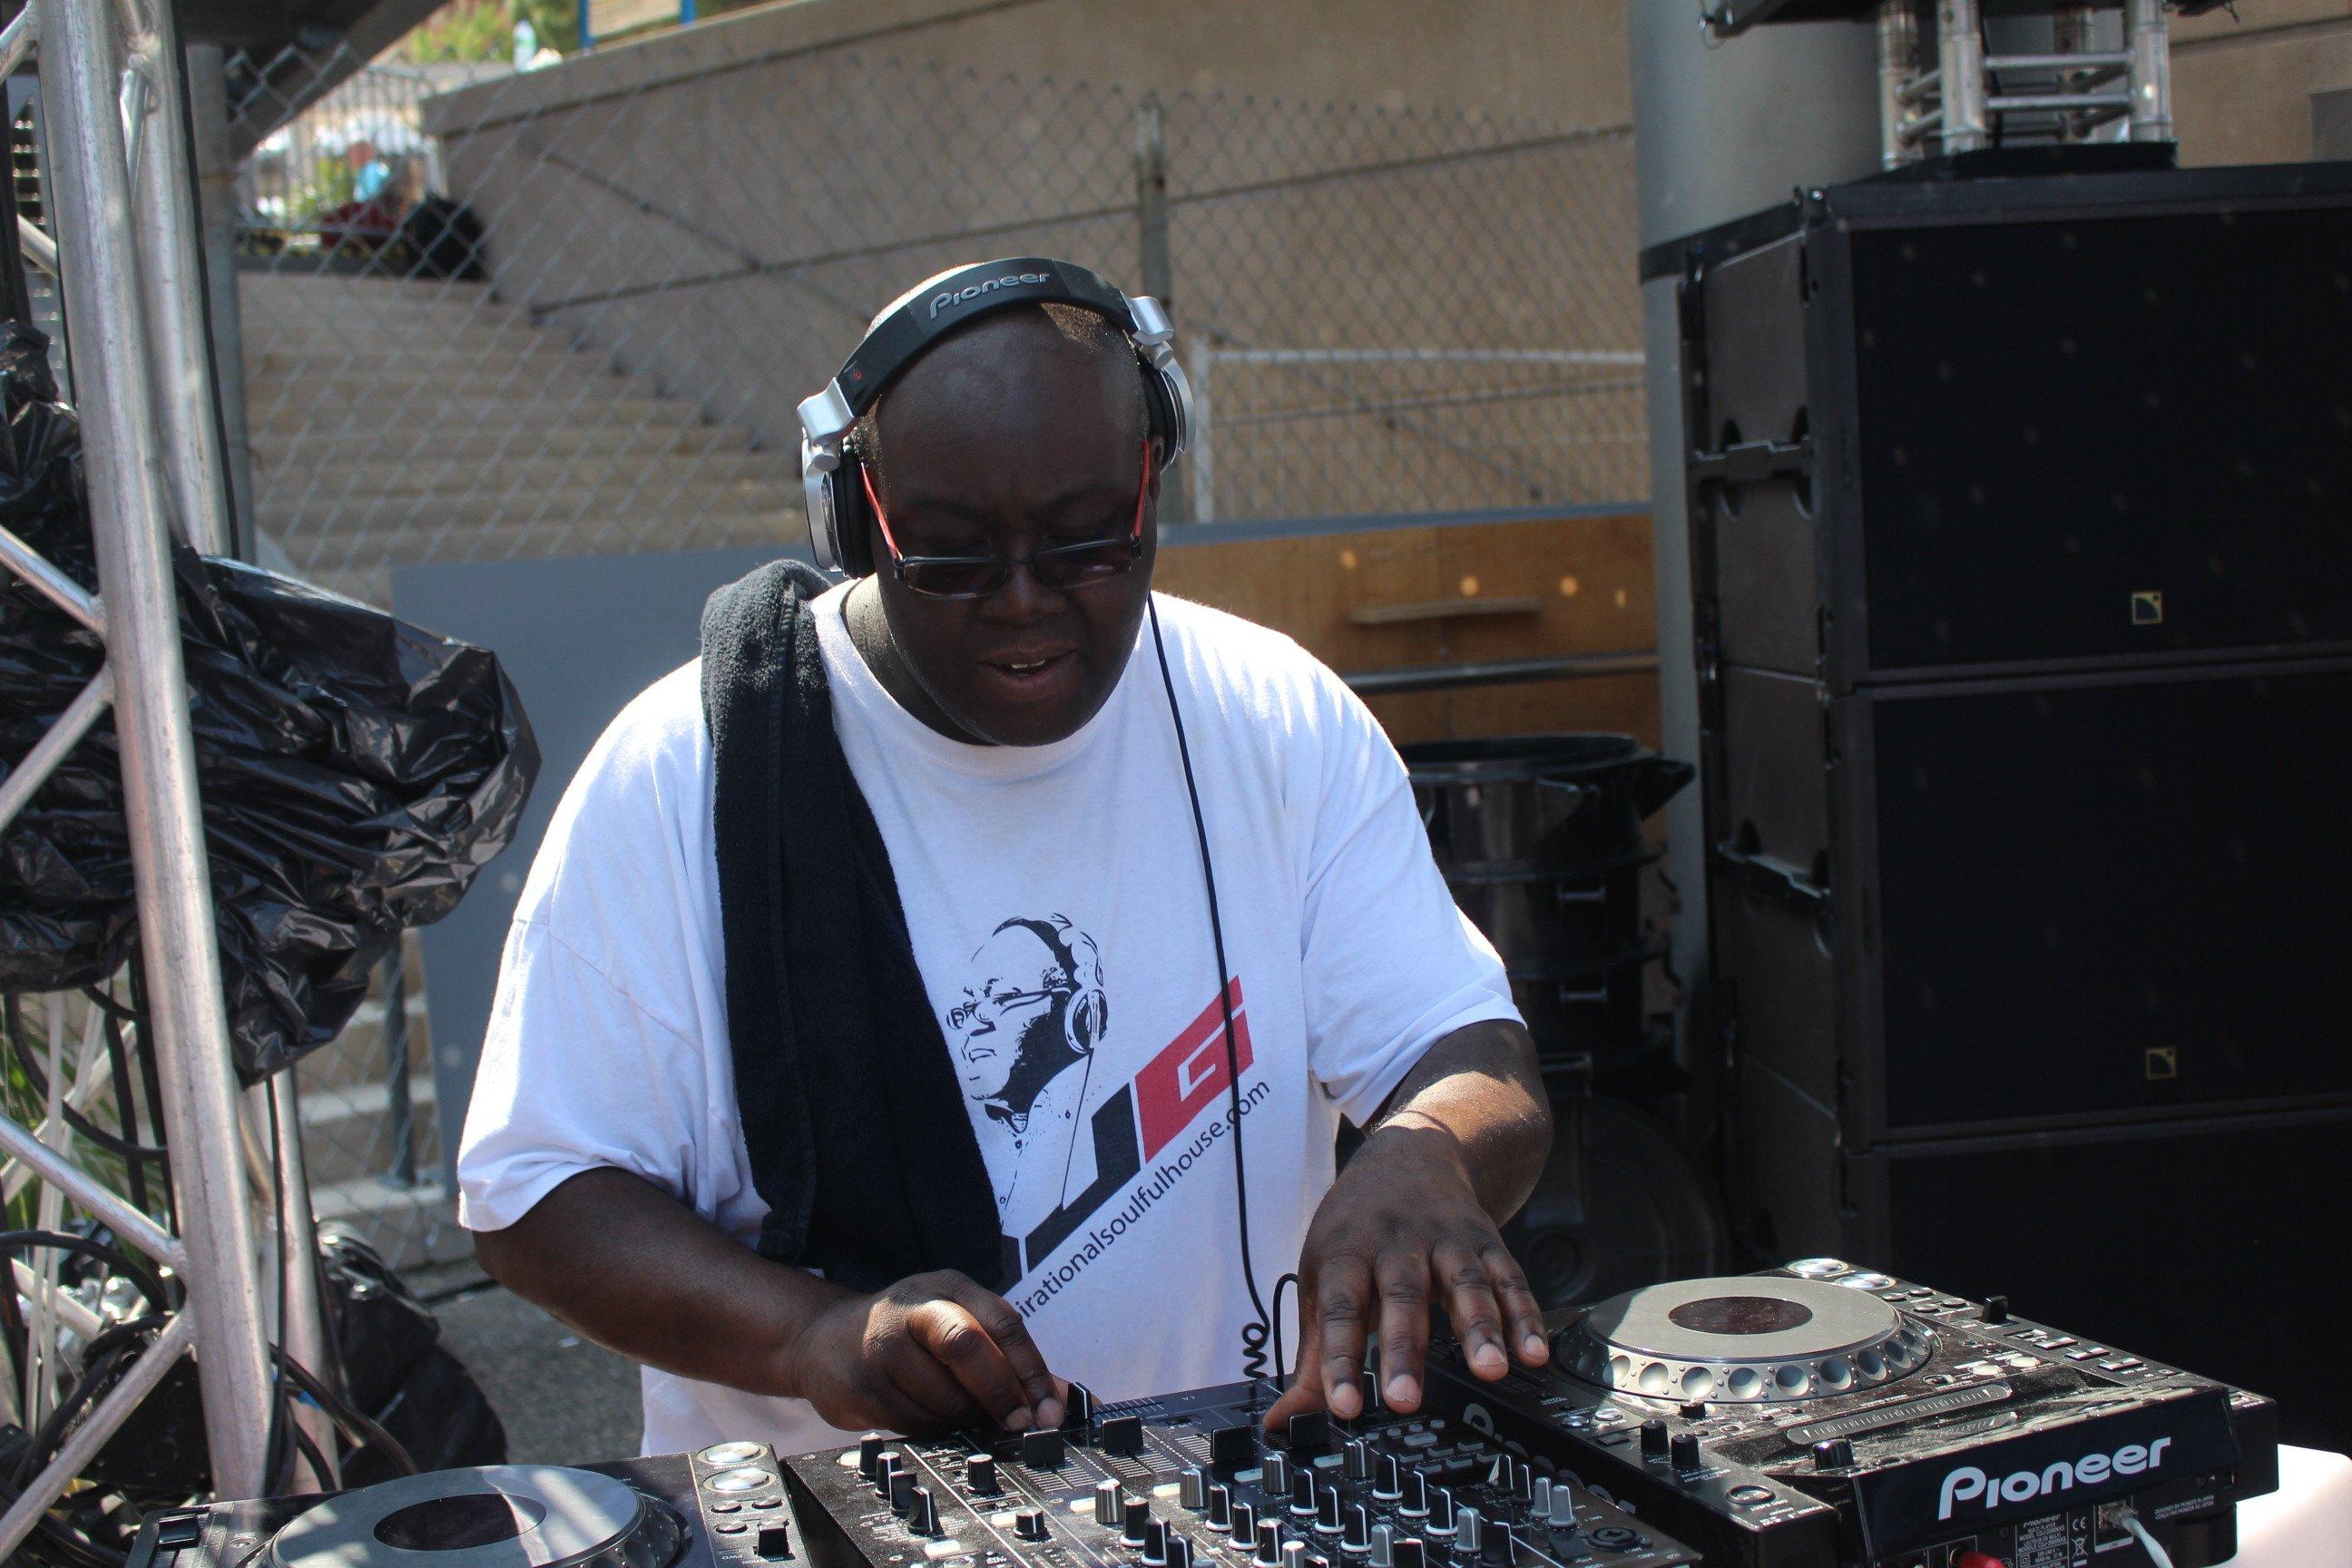 DJG AT THE MONACO GRAND PRIX